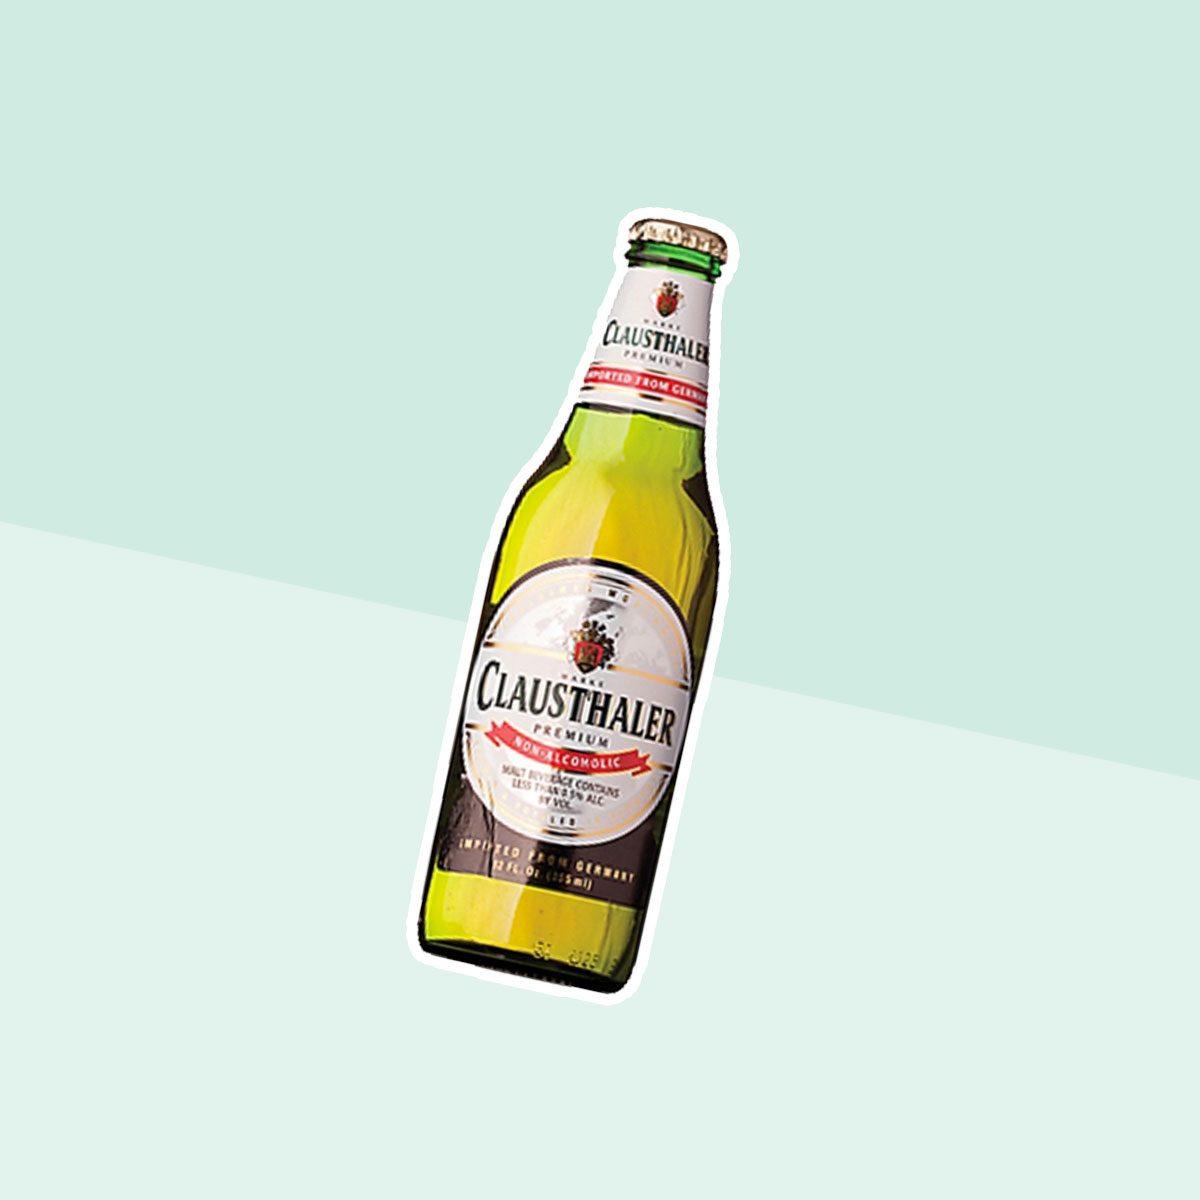 Clausthaler Premium Non-Alcoholic